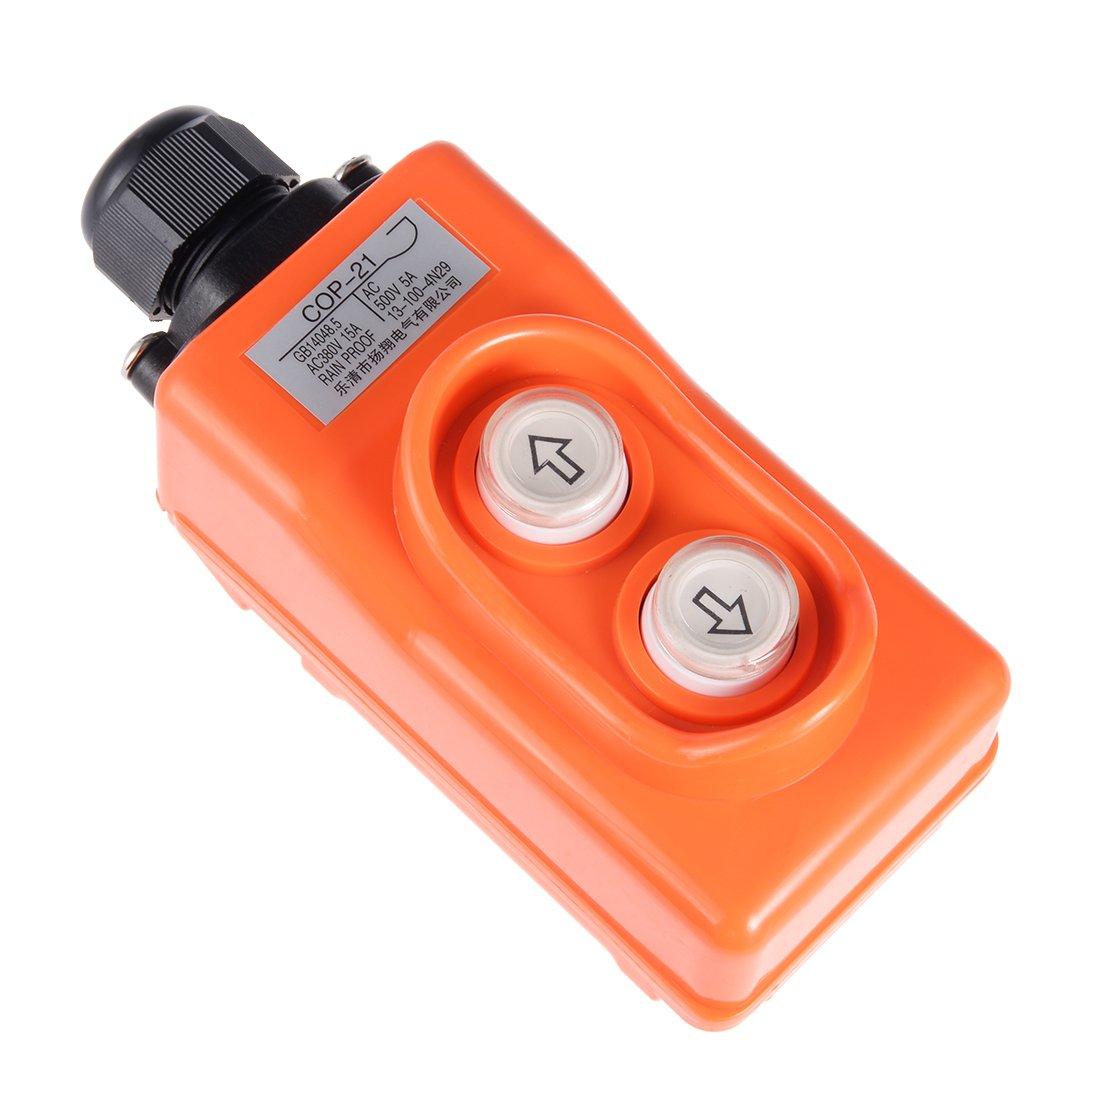 uxcell Rainproof Hoist Crane Pendant Control Station Push Button Switch COP-21 Up Down 2 Ways Orange